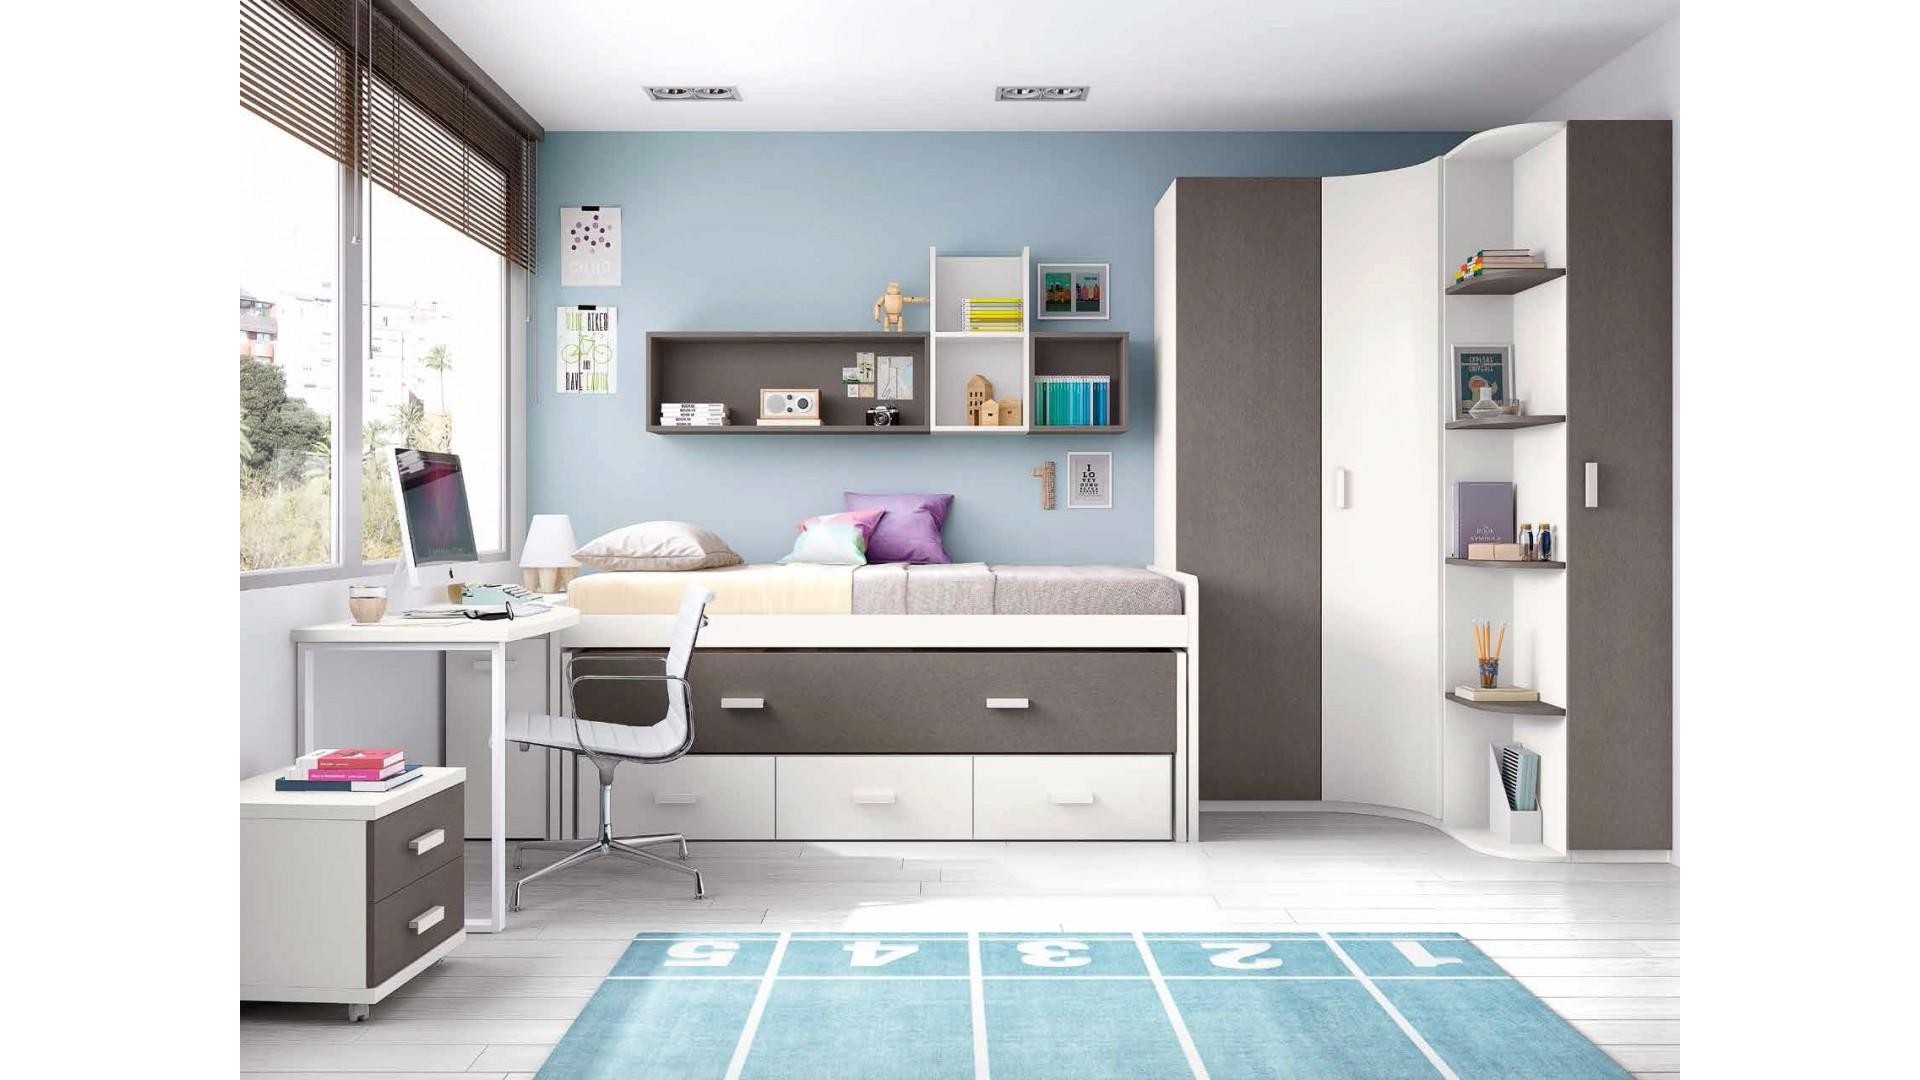 chambre pour ado avec lit surélevè et gigogne - glicerio - so nuit